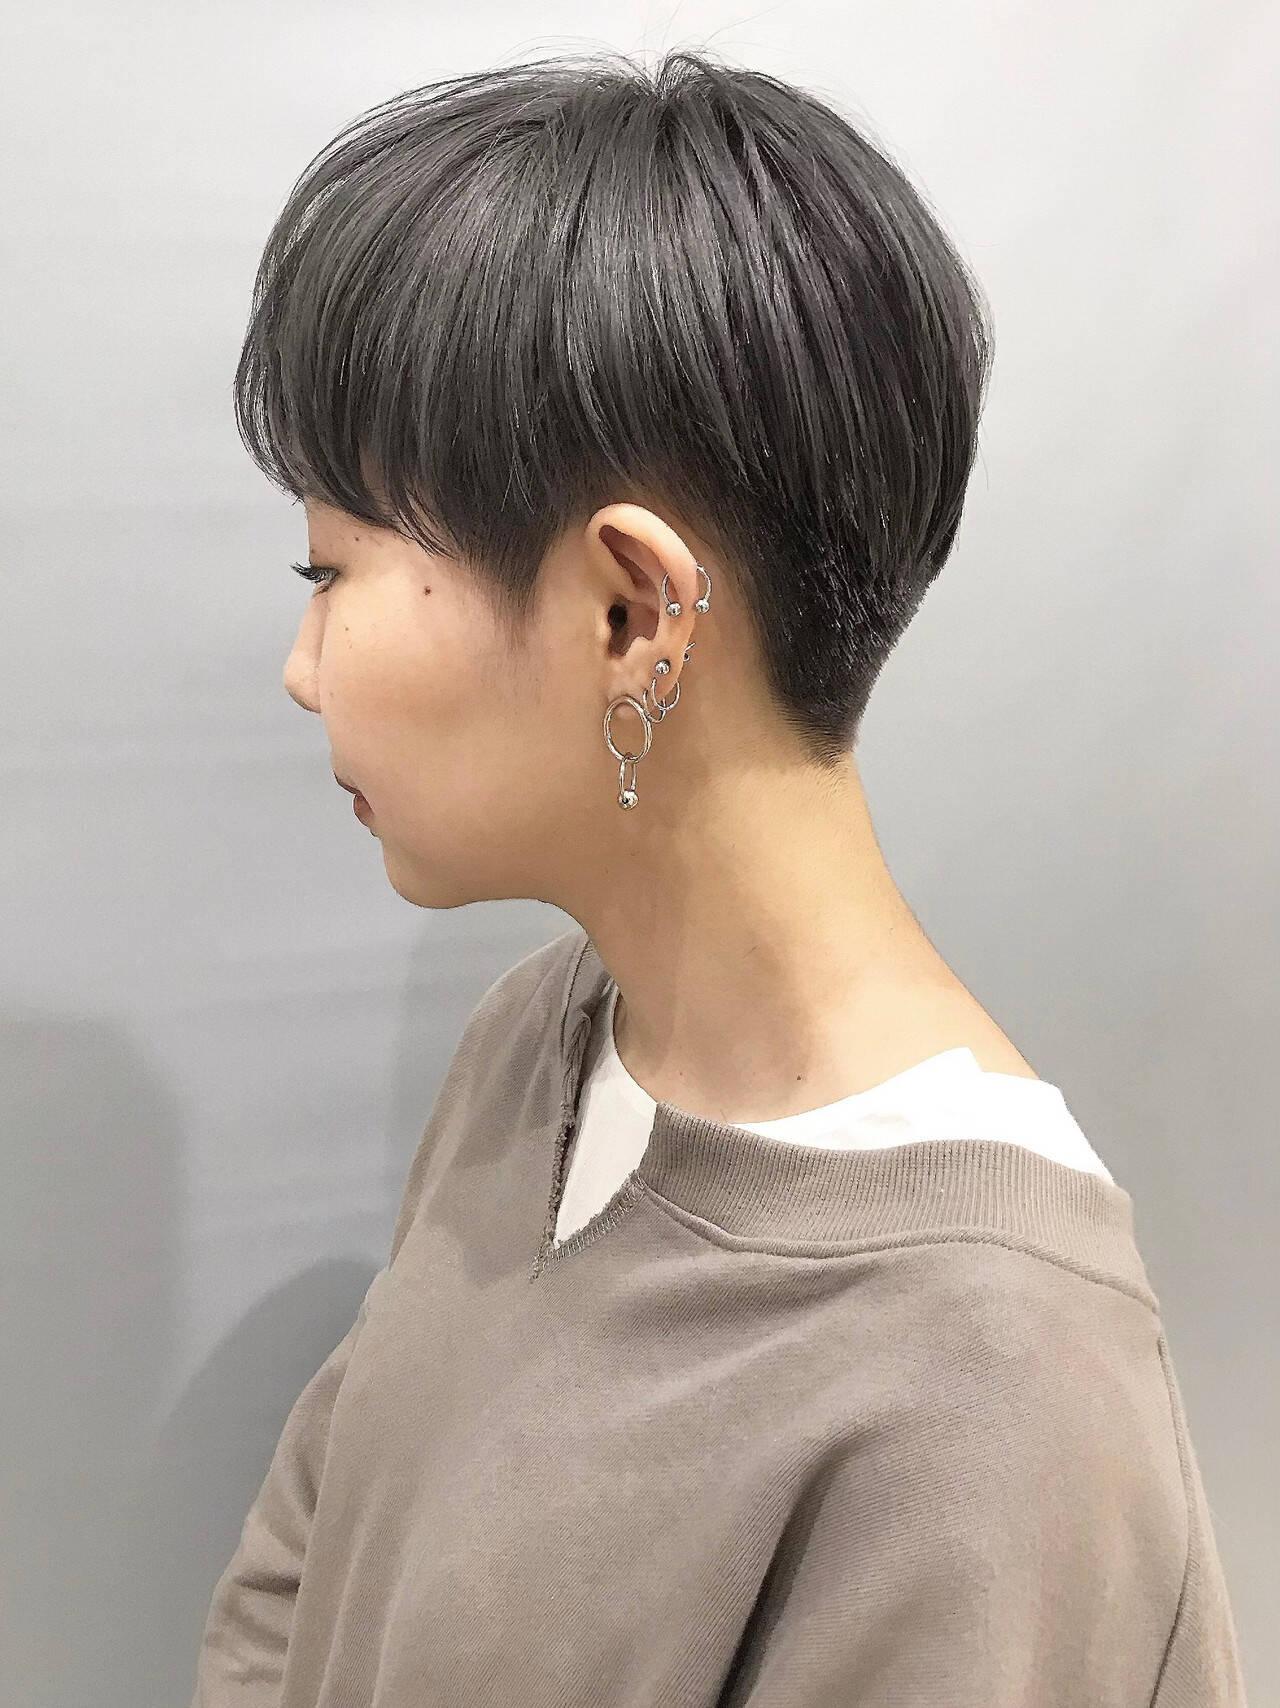 ベリーショート モード 刈り上げショート ショートヘアヘアスタイルや髪型の写真・画像